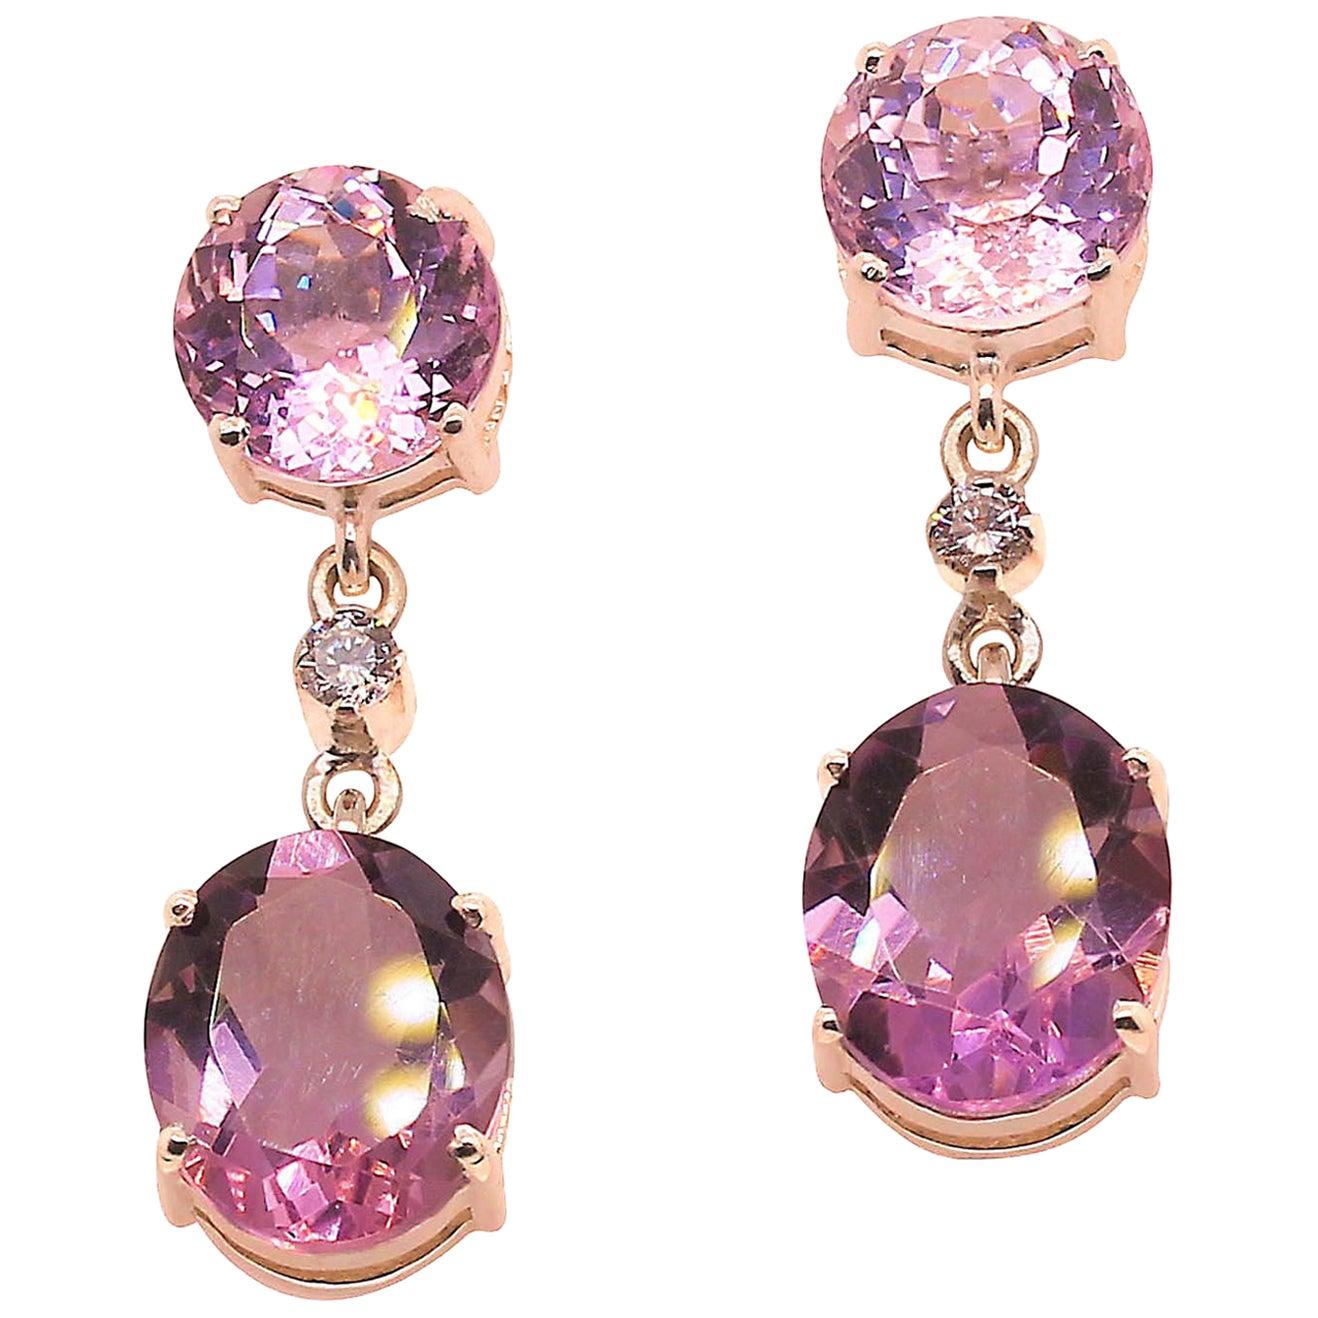 Elegant Earrings of Scintillating Kunzite & Amethyst